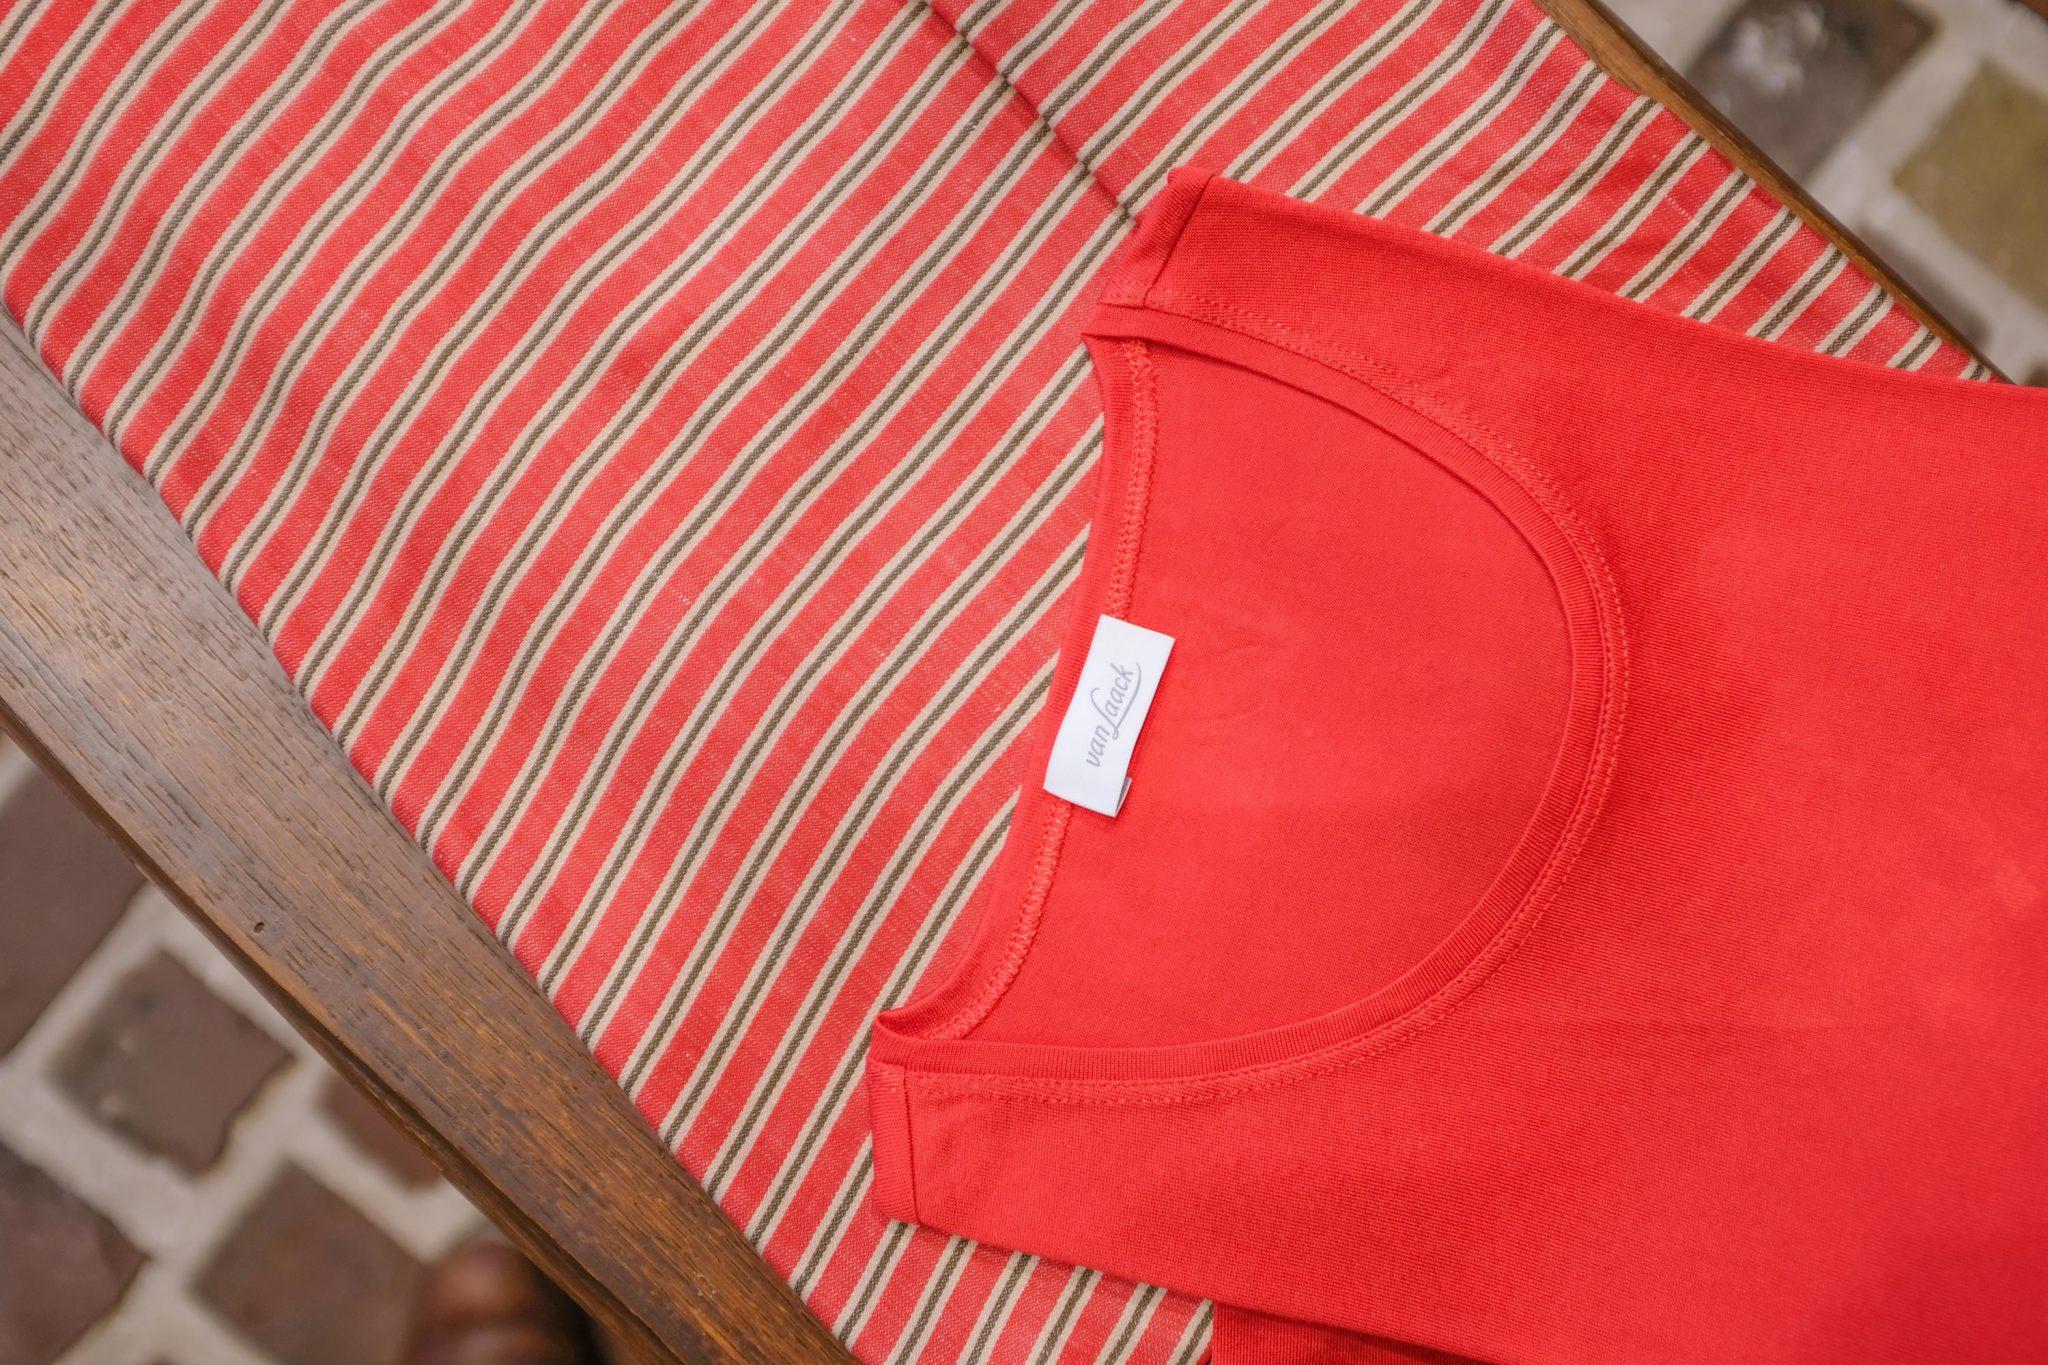 Rode rok en trui